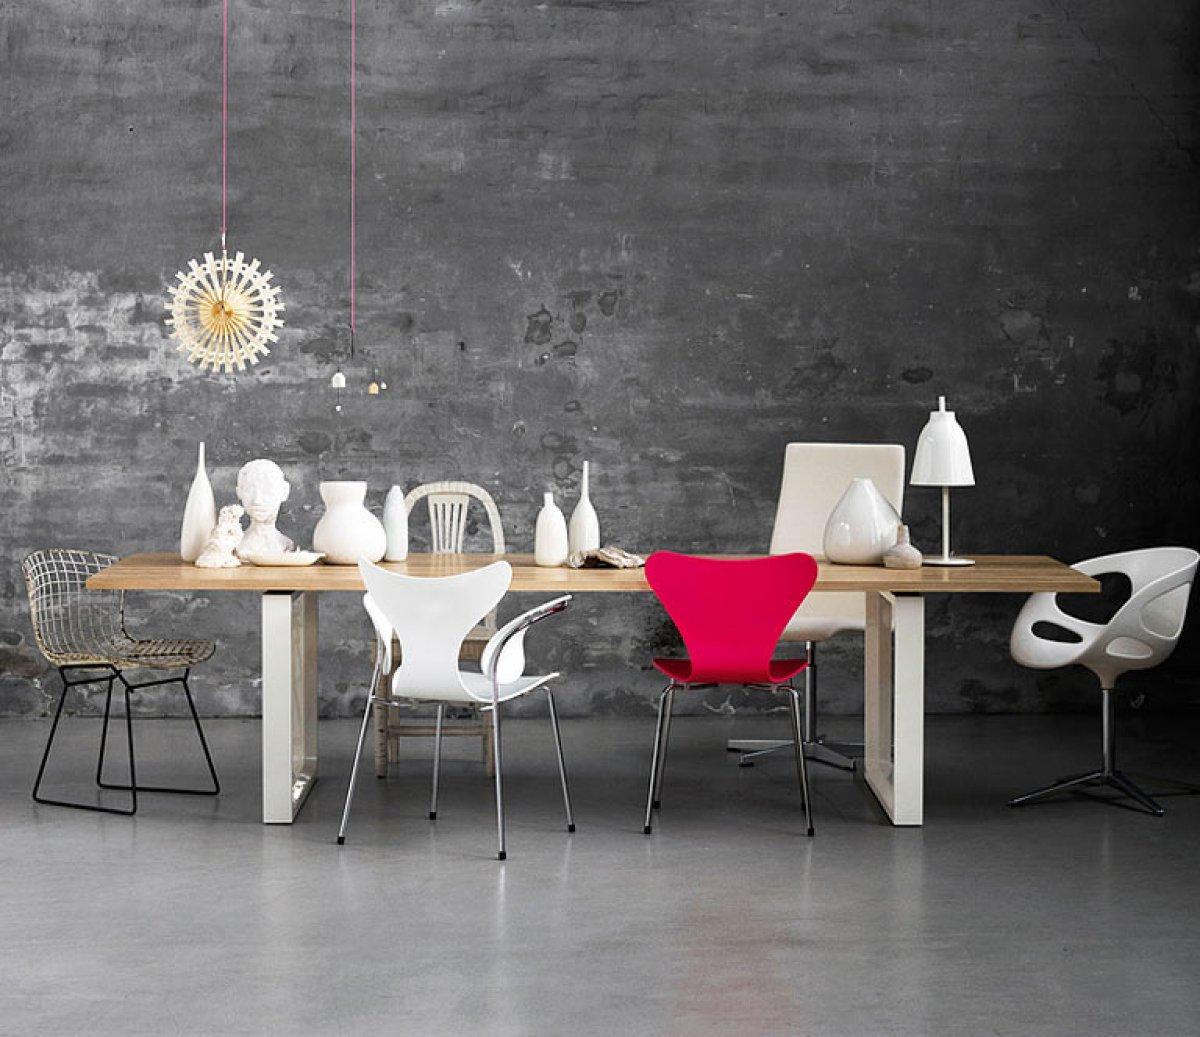 Holztisch Mit Unterschiedlichen Stühlen